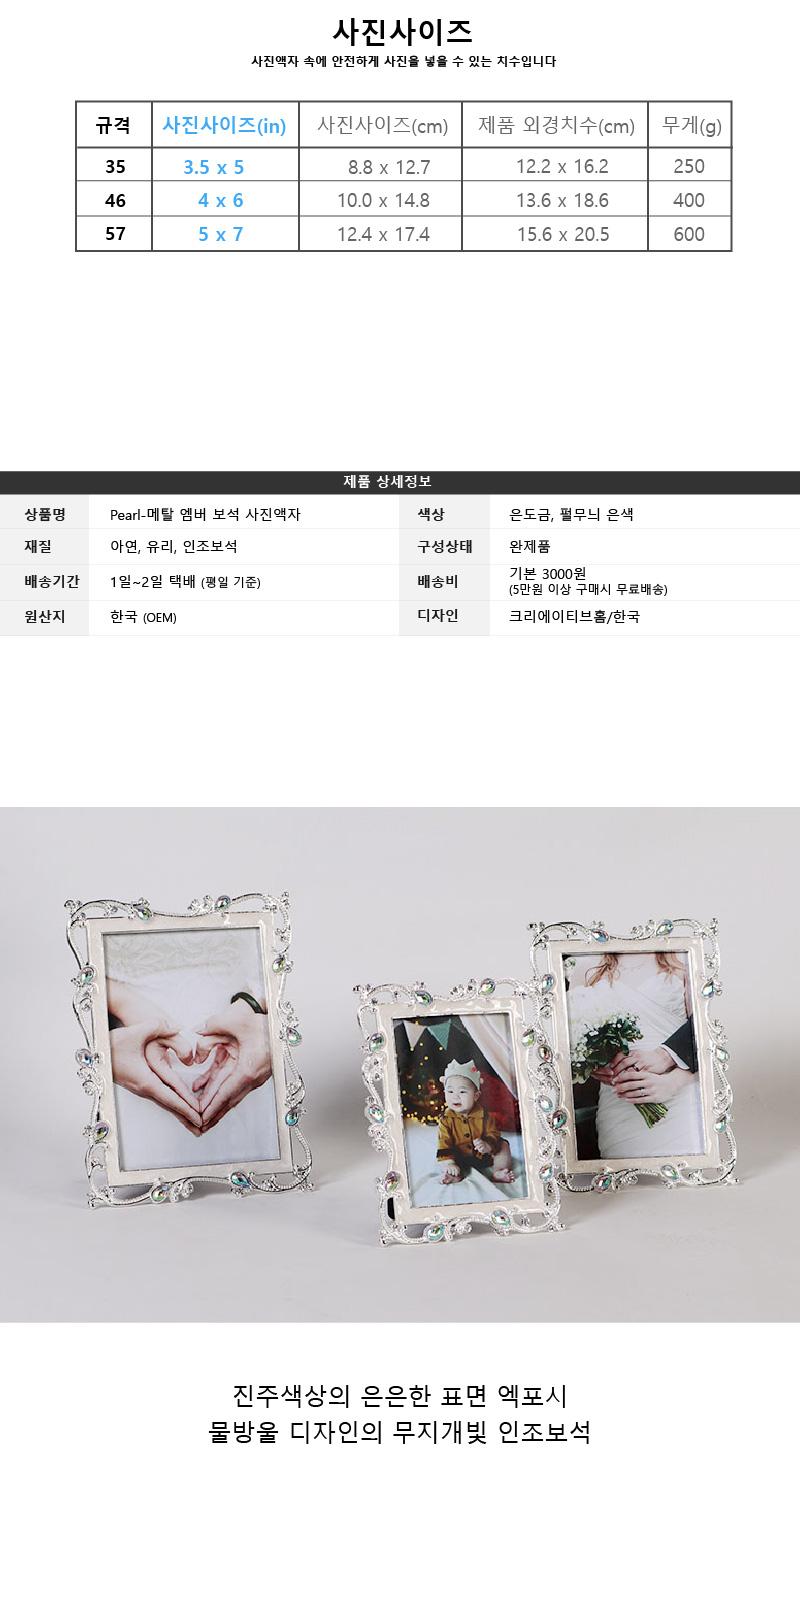 펄-메탈 엠버 보석 사진액자 - 크레디스, 18,000원, 액자, 미니액자